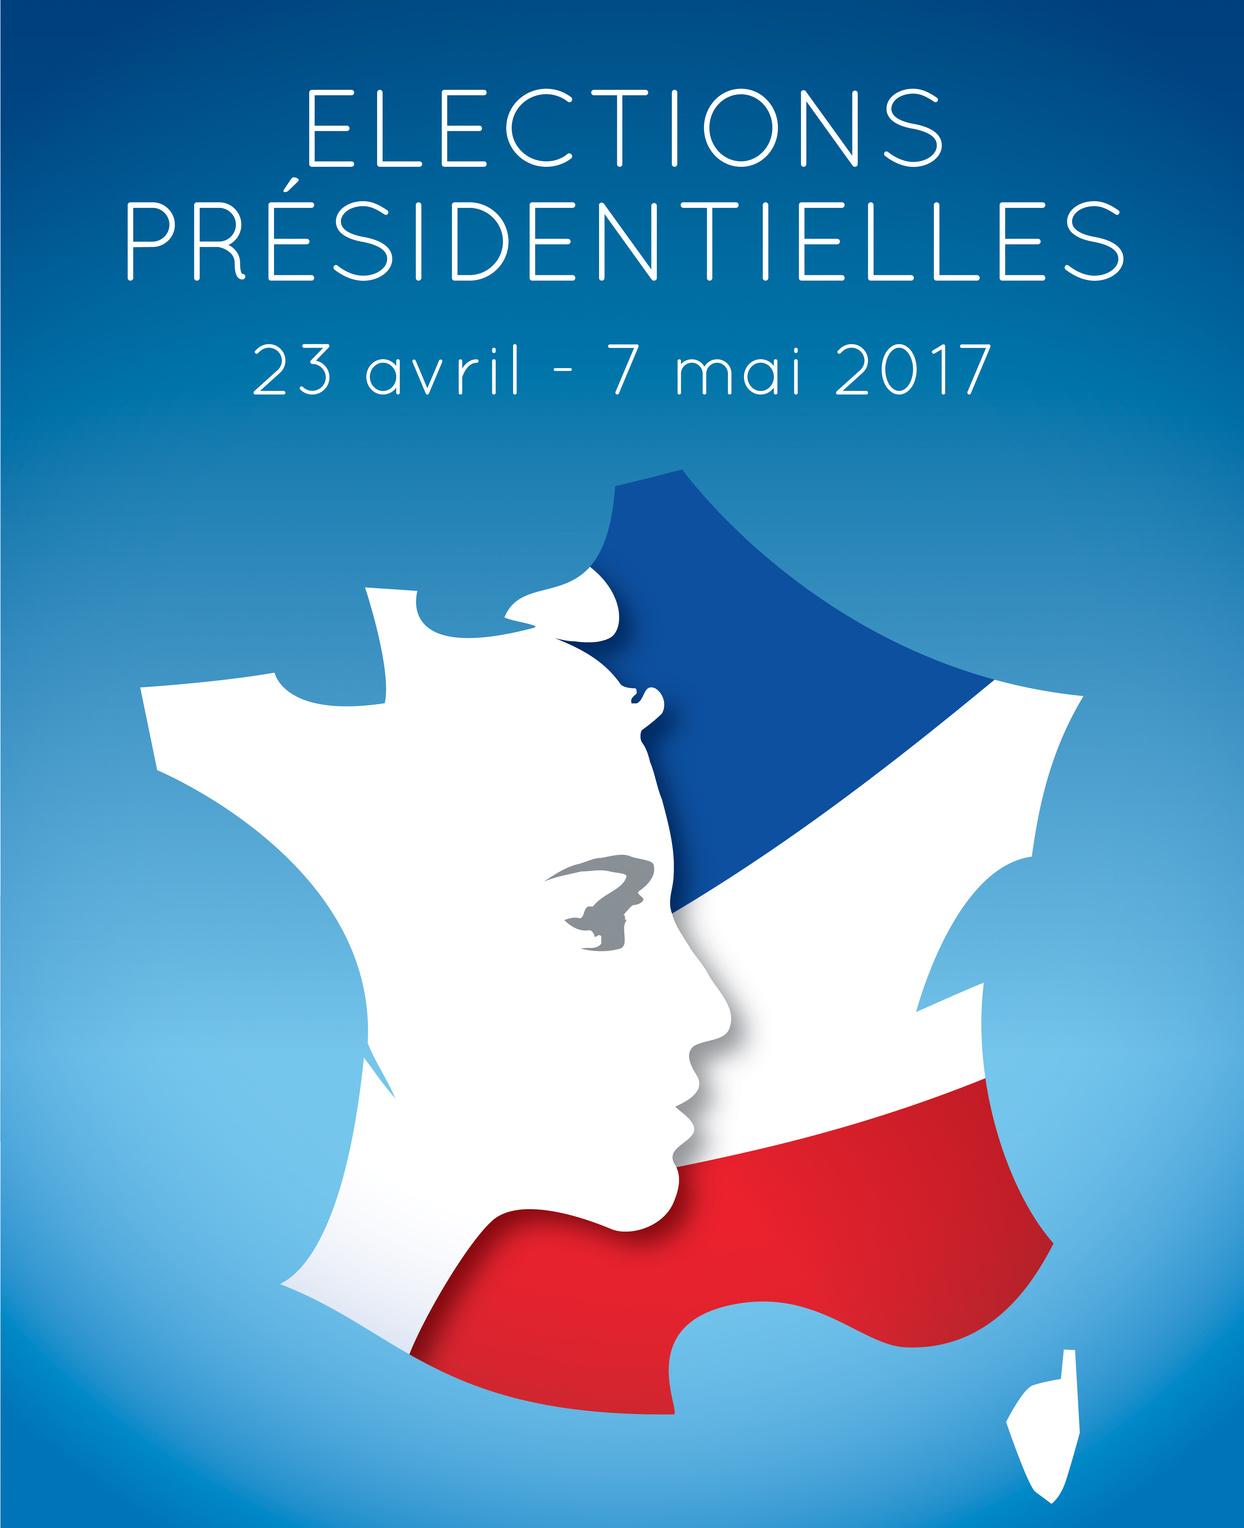 フランス大統領選挙のポスター